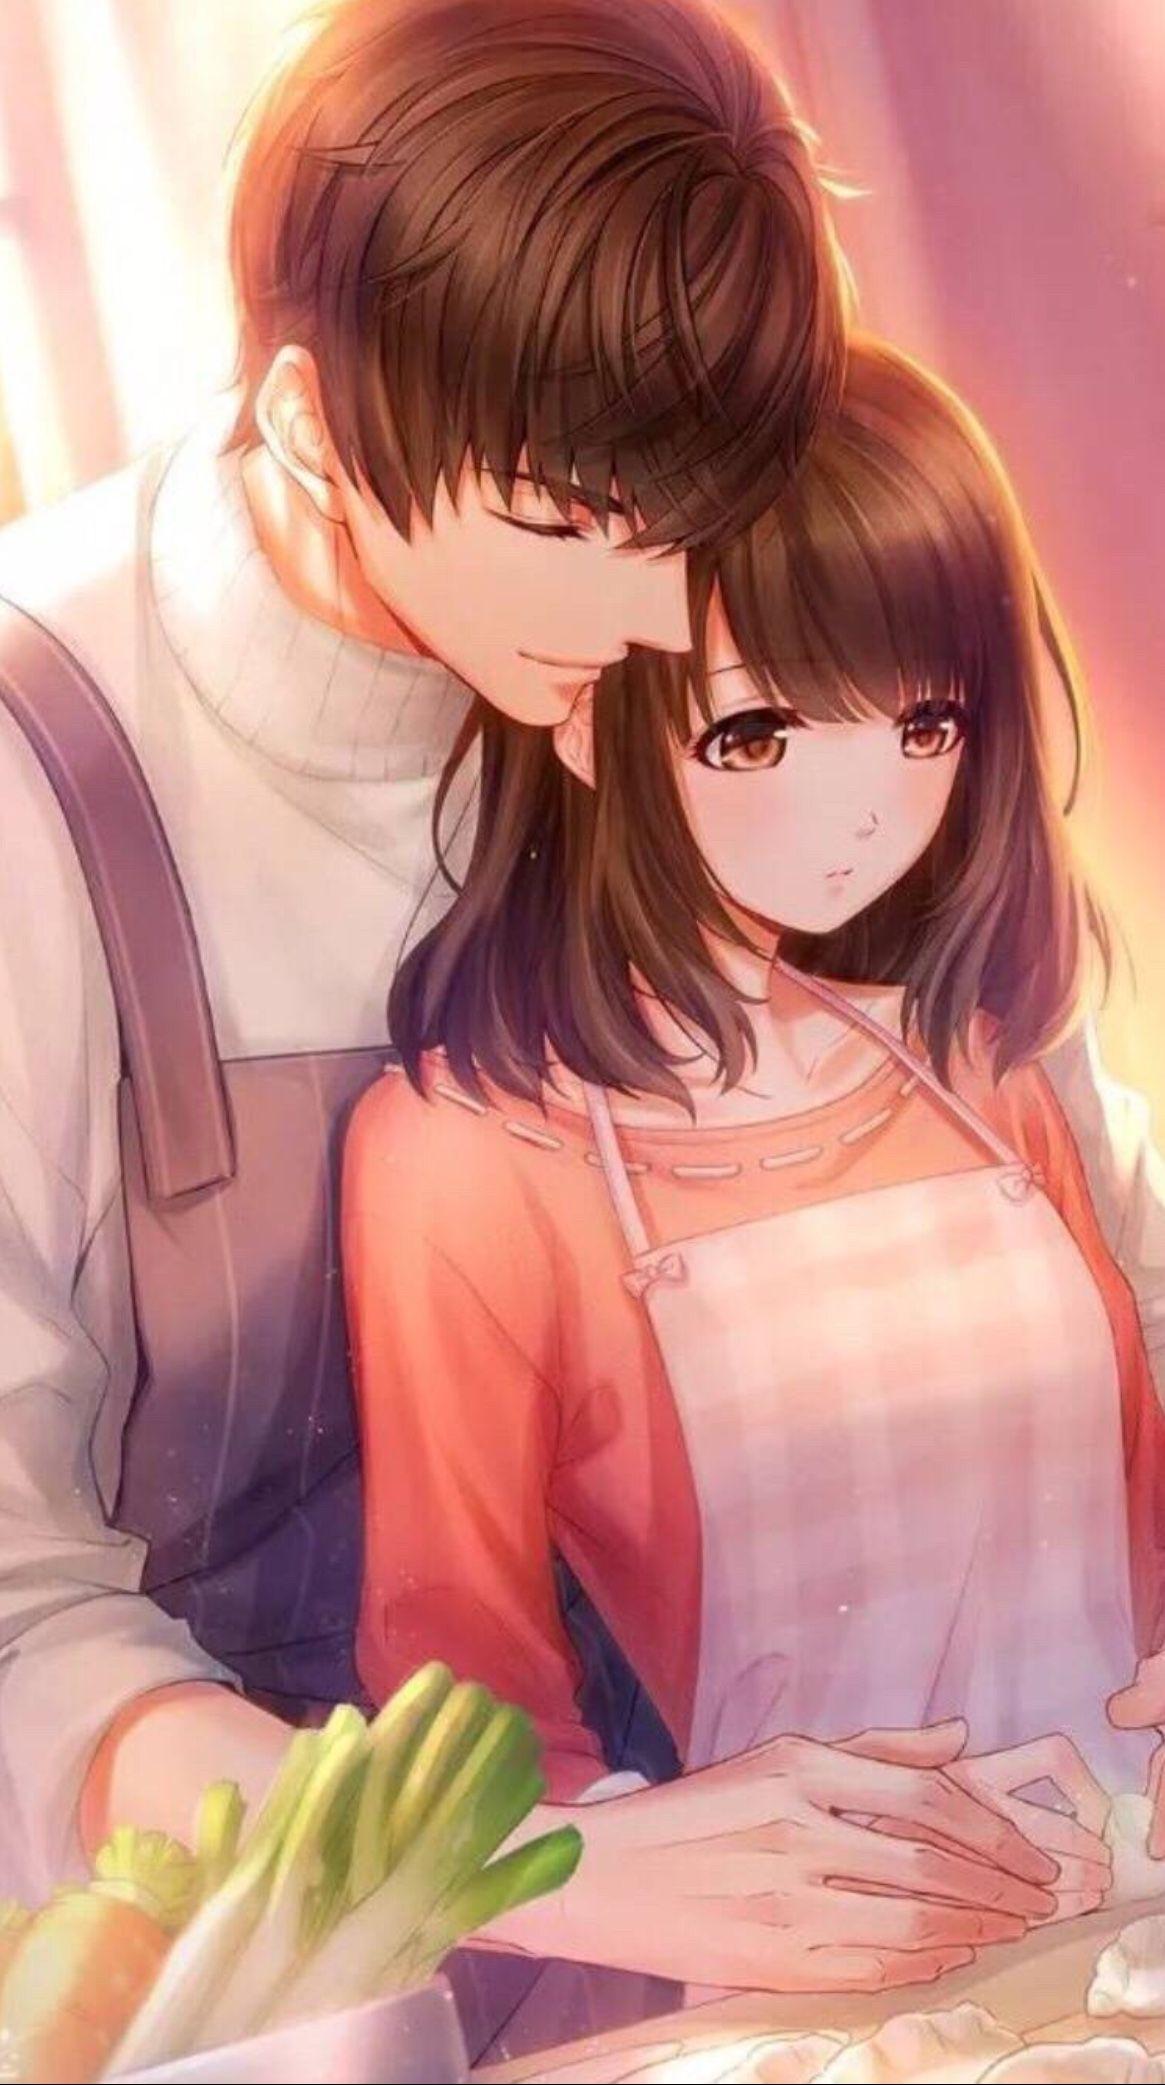 Ảnh hoạt hình đẹp về tình yêu